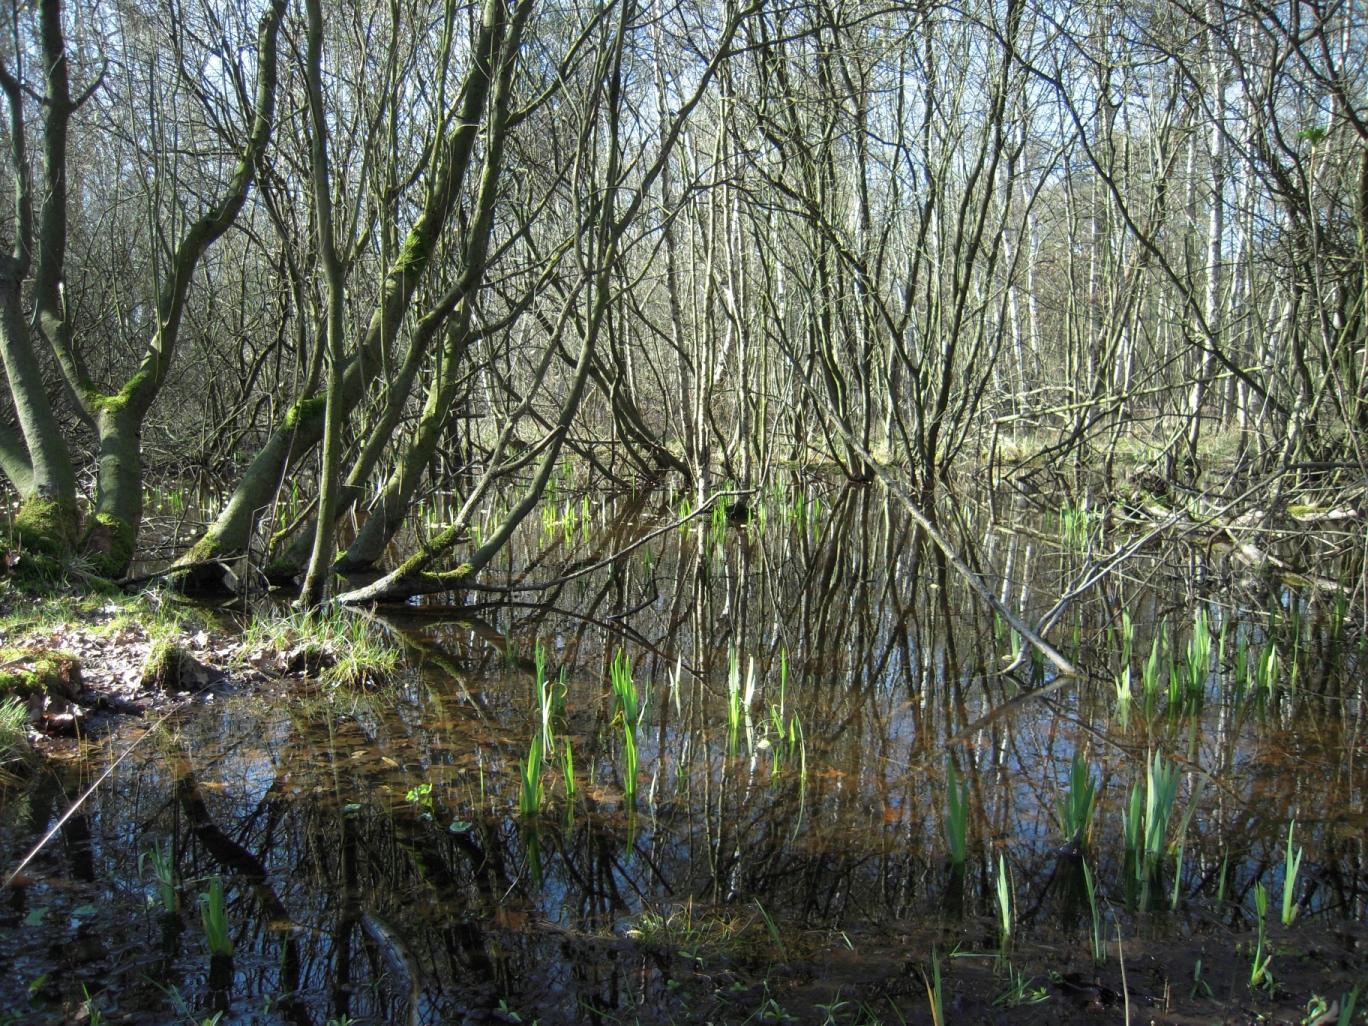 die Wasser-Schwertlilie (Iris pseudacorus) macht ihrem Namen alle Ehre und steckt bereits früh im Jahr ihre schwertförmigen Blätter aus dem Sumpf